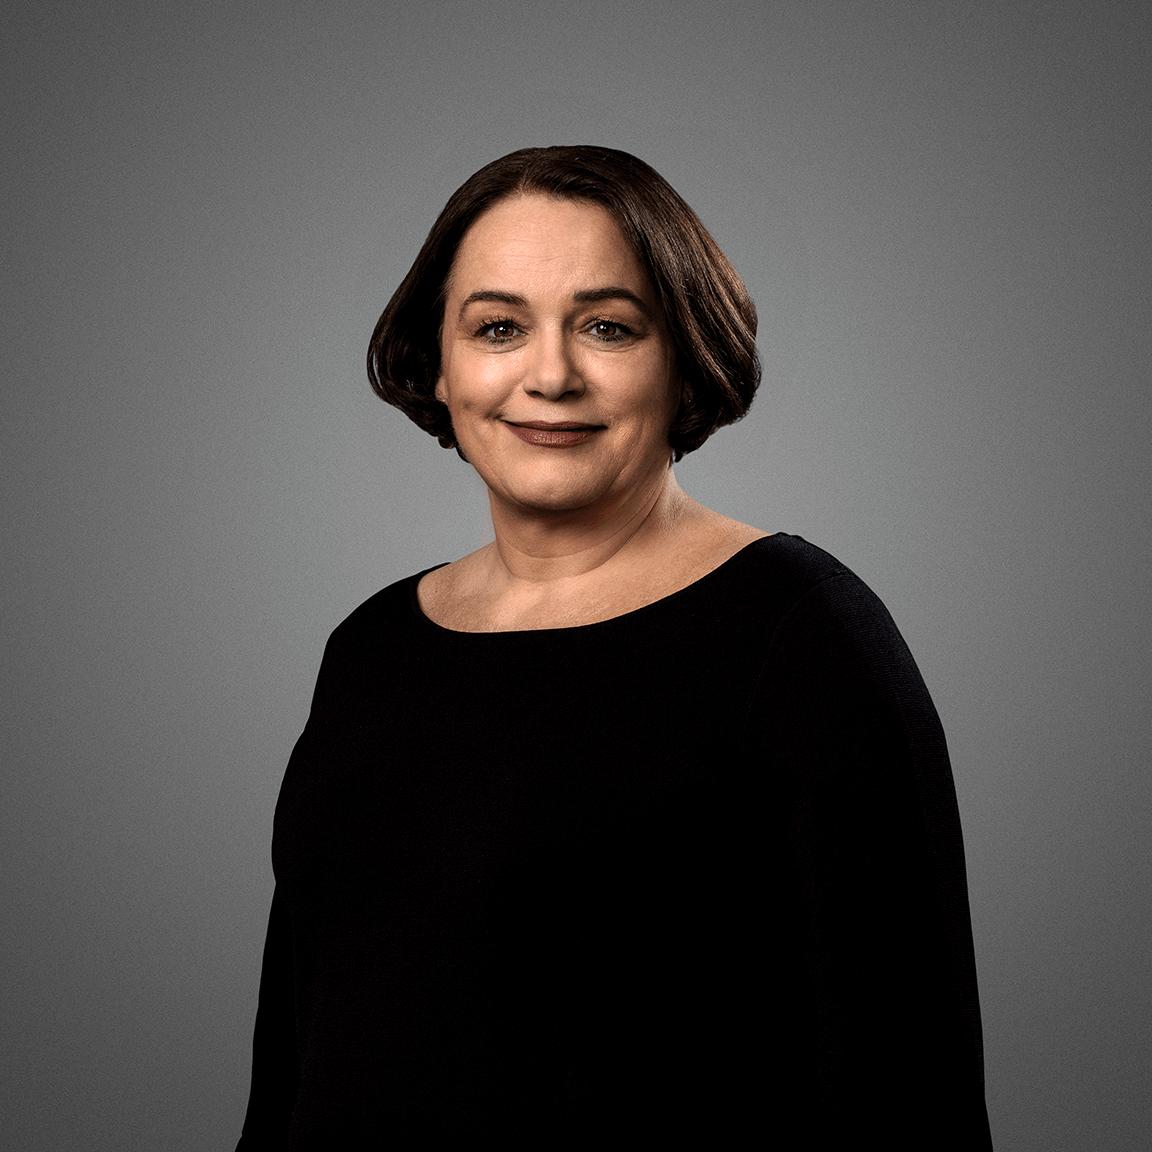 Carmen Gellert